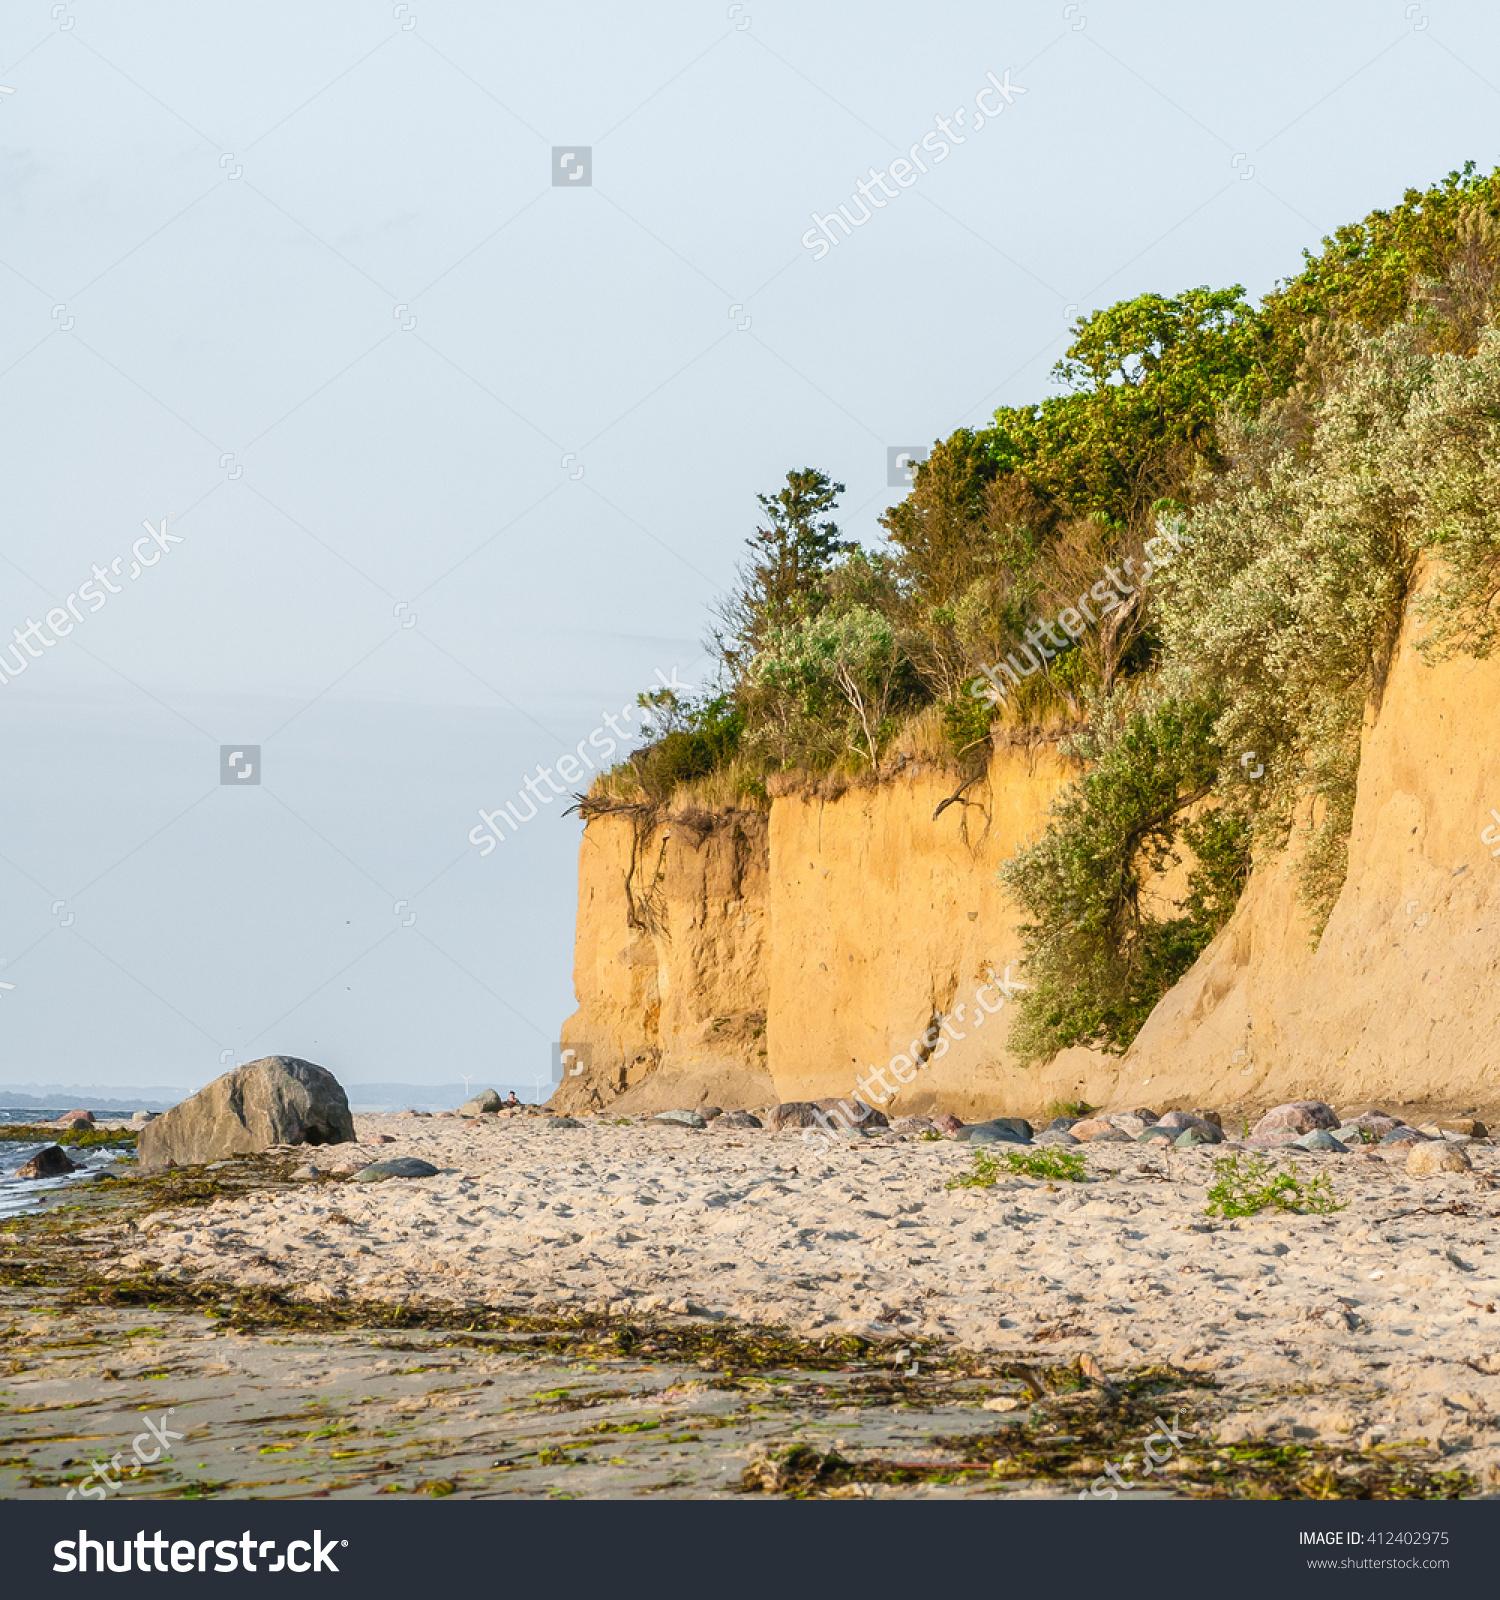 Coastal Erosion At Baltic Sea Beach; Sandy Beach With Overgrown.